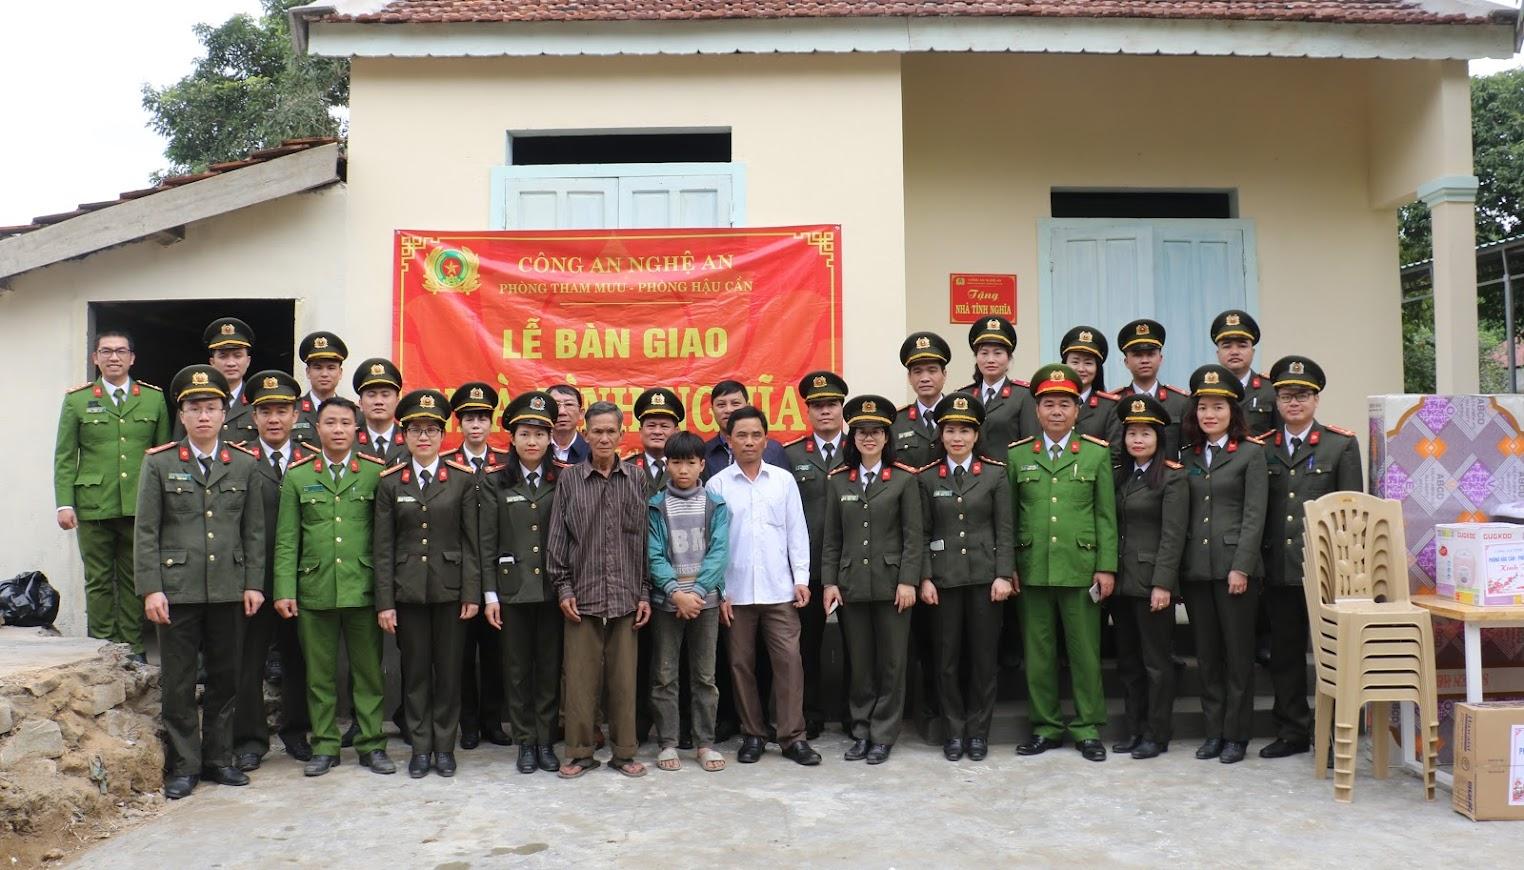 Đoàn công tác bàn giao nhà tình nghĩa và chụp ảnh lưu niệm cùng chính quyền địa phương và gia đình ông Hồ Xuân Hùng.